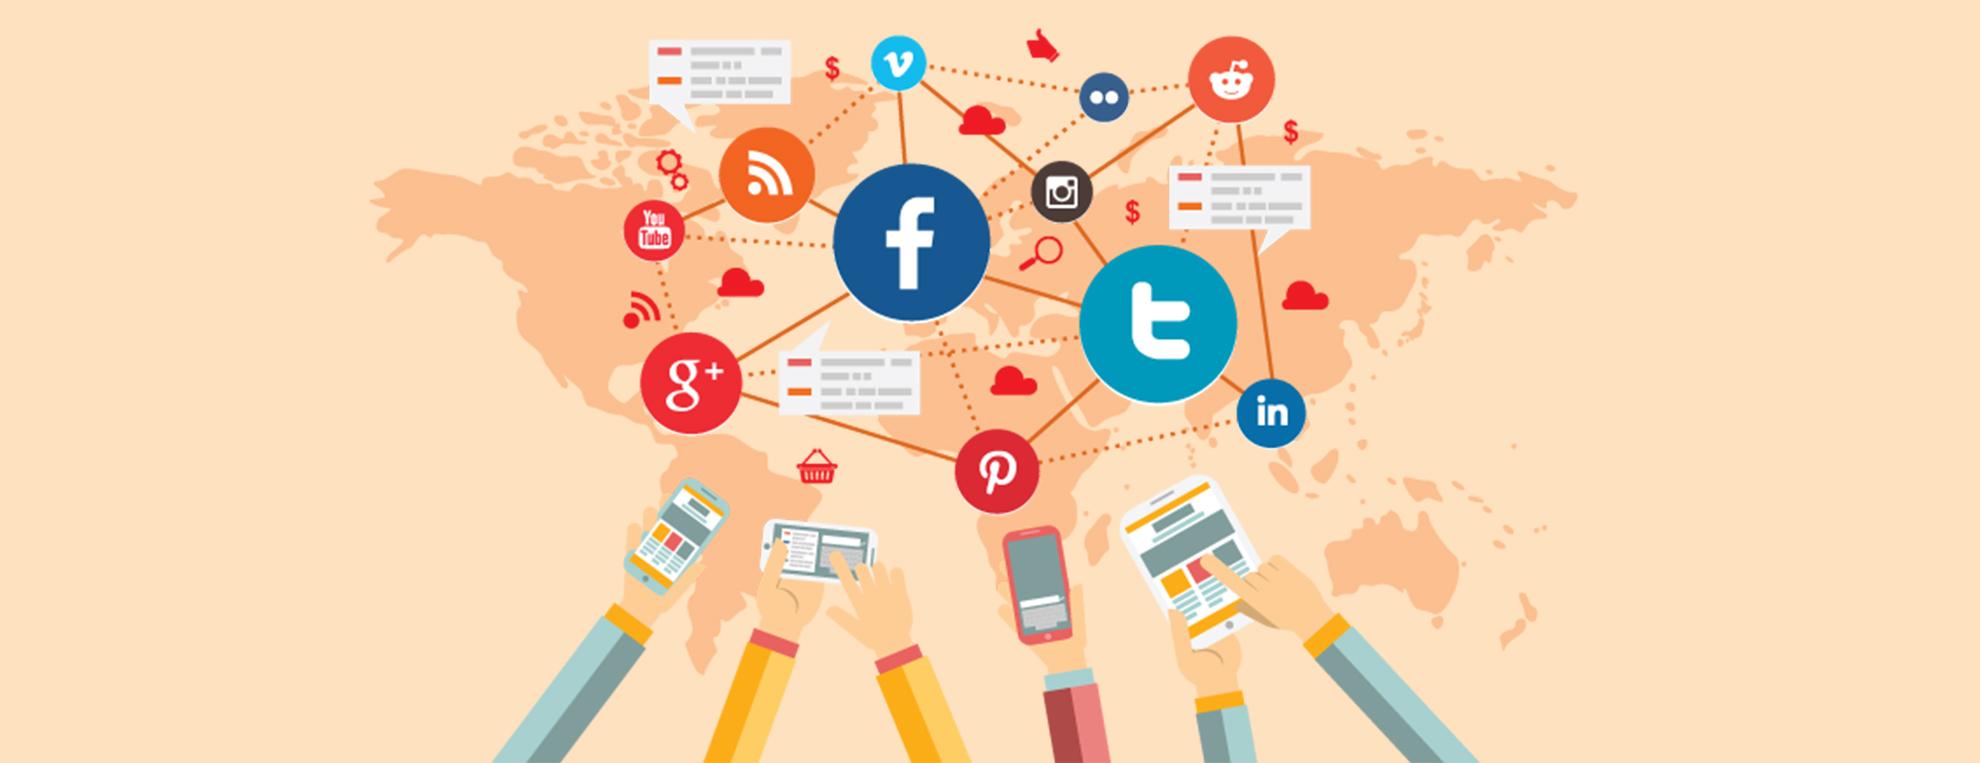 Corso social Media Marketing Roma: cerchi un corso di Social Media Marketing per imparare ad usare Facebook, Twitter, Google Plus ed altri media? Posizioniamoci organizza corsi di social media marketing a Nettuno, Roma, Anzio e Lavinio.